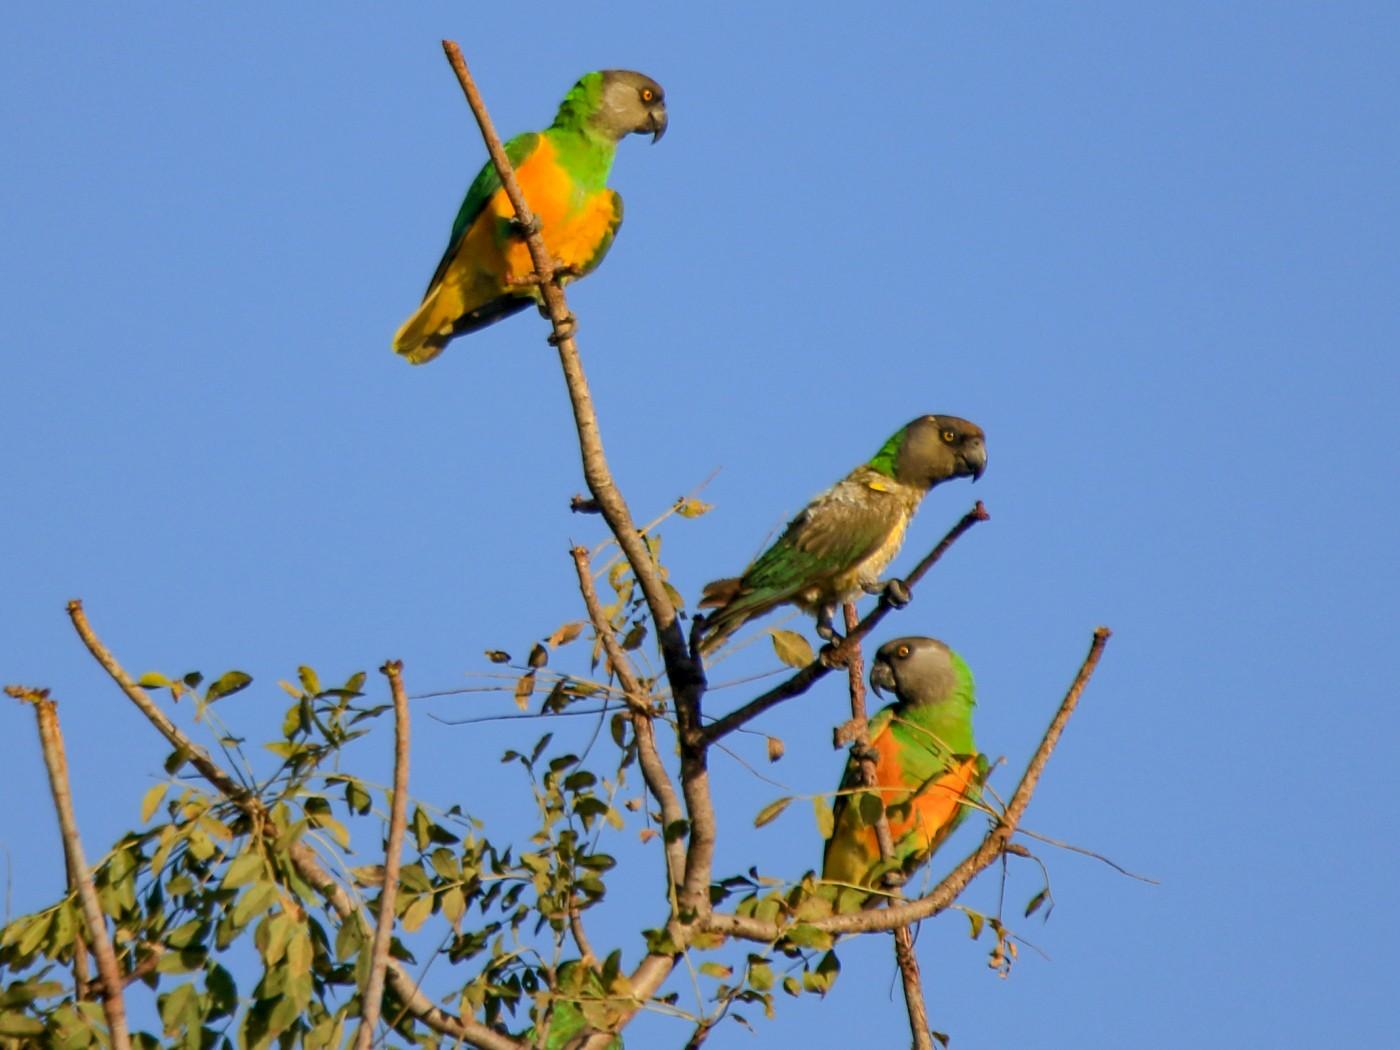 Senegal Parrot - Fabio Olmos